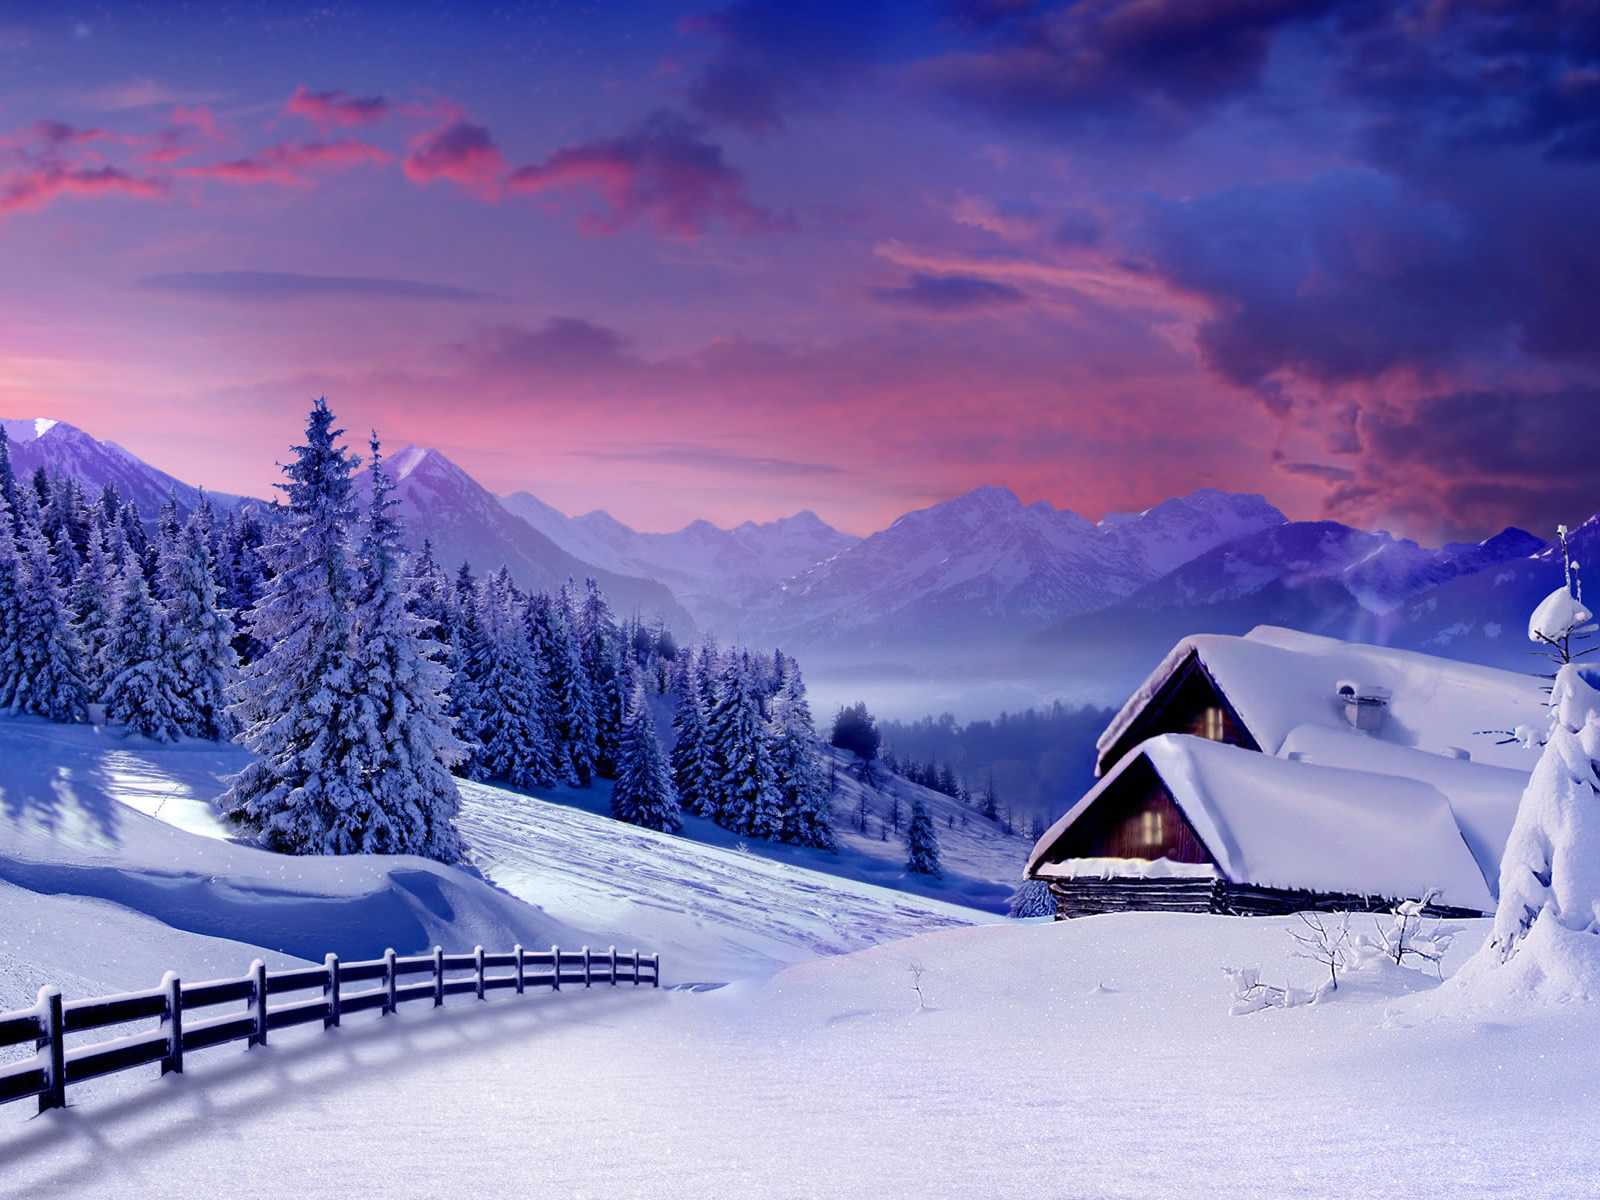 free winter desktop wallpaper downloads   wwwwallpapers in hdcom 1600x1200